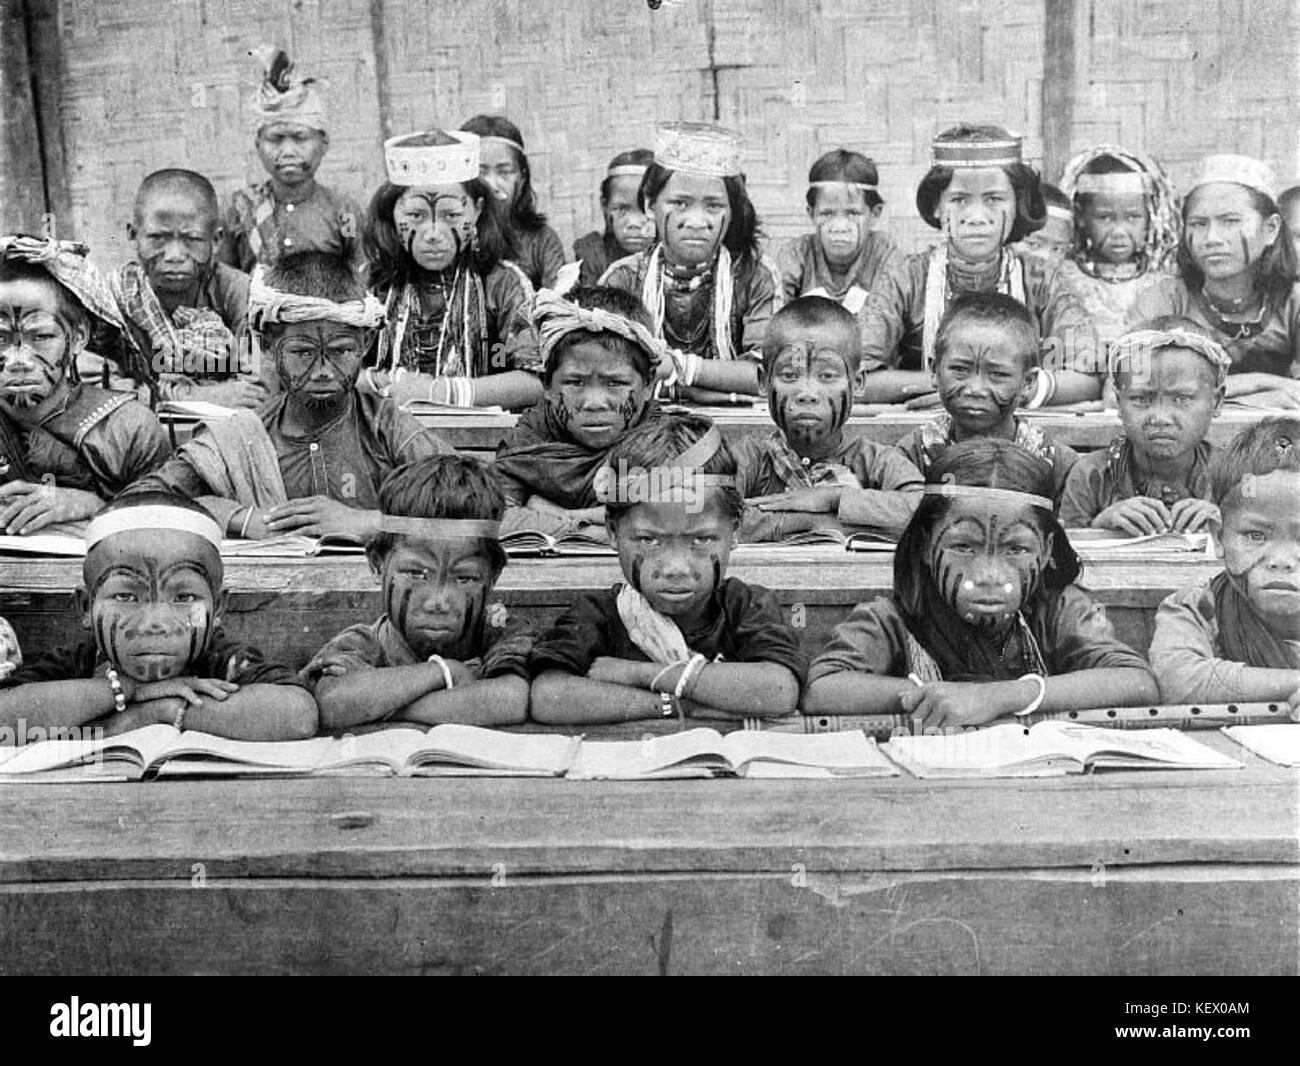 Children of the protestant missionary school in Poso, Sulawesi   Collectie stichting Nationaal Museum van Wereldculturen - Stock Image